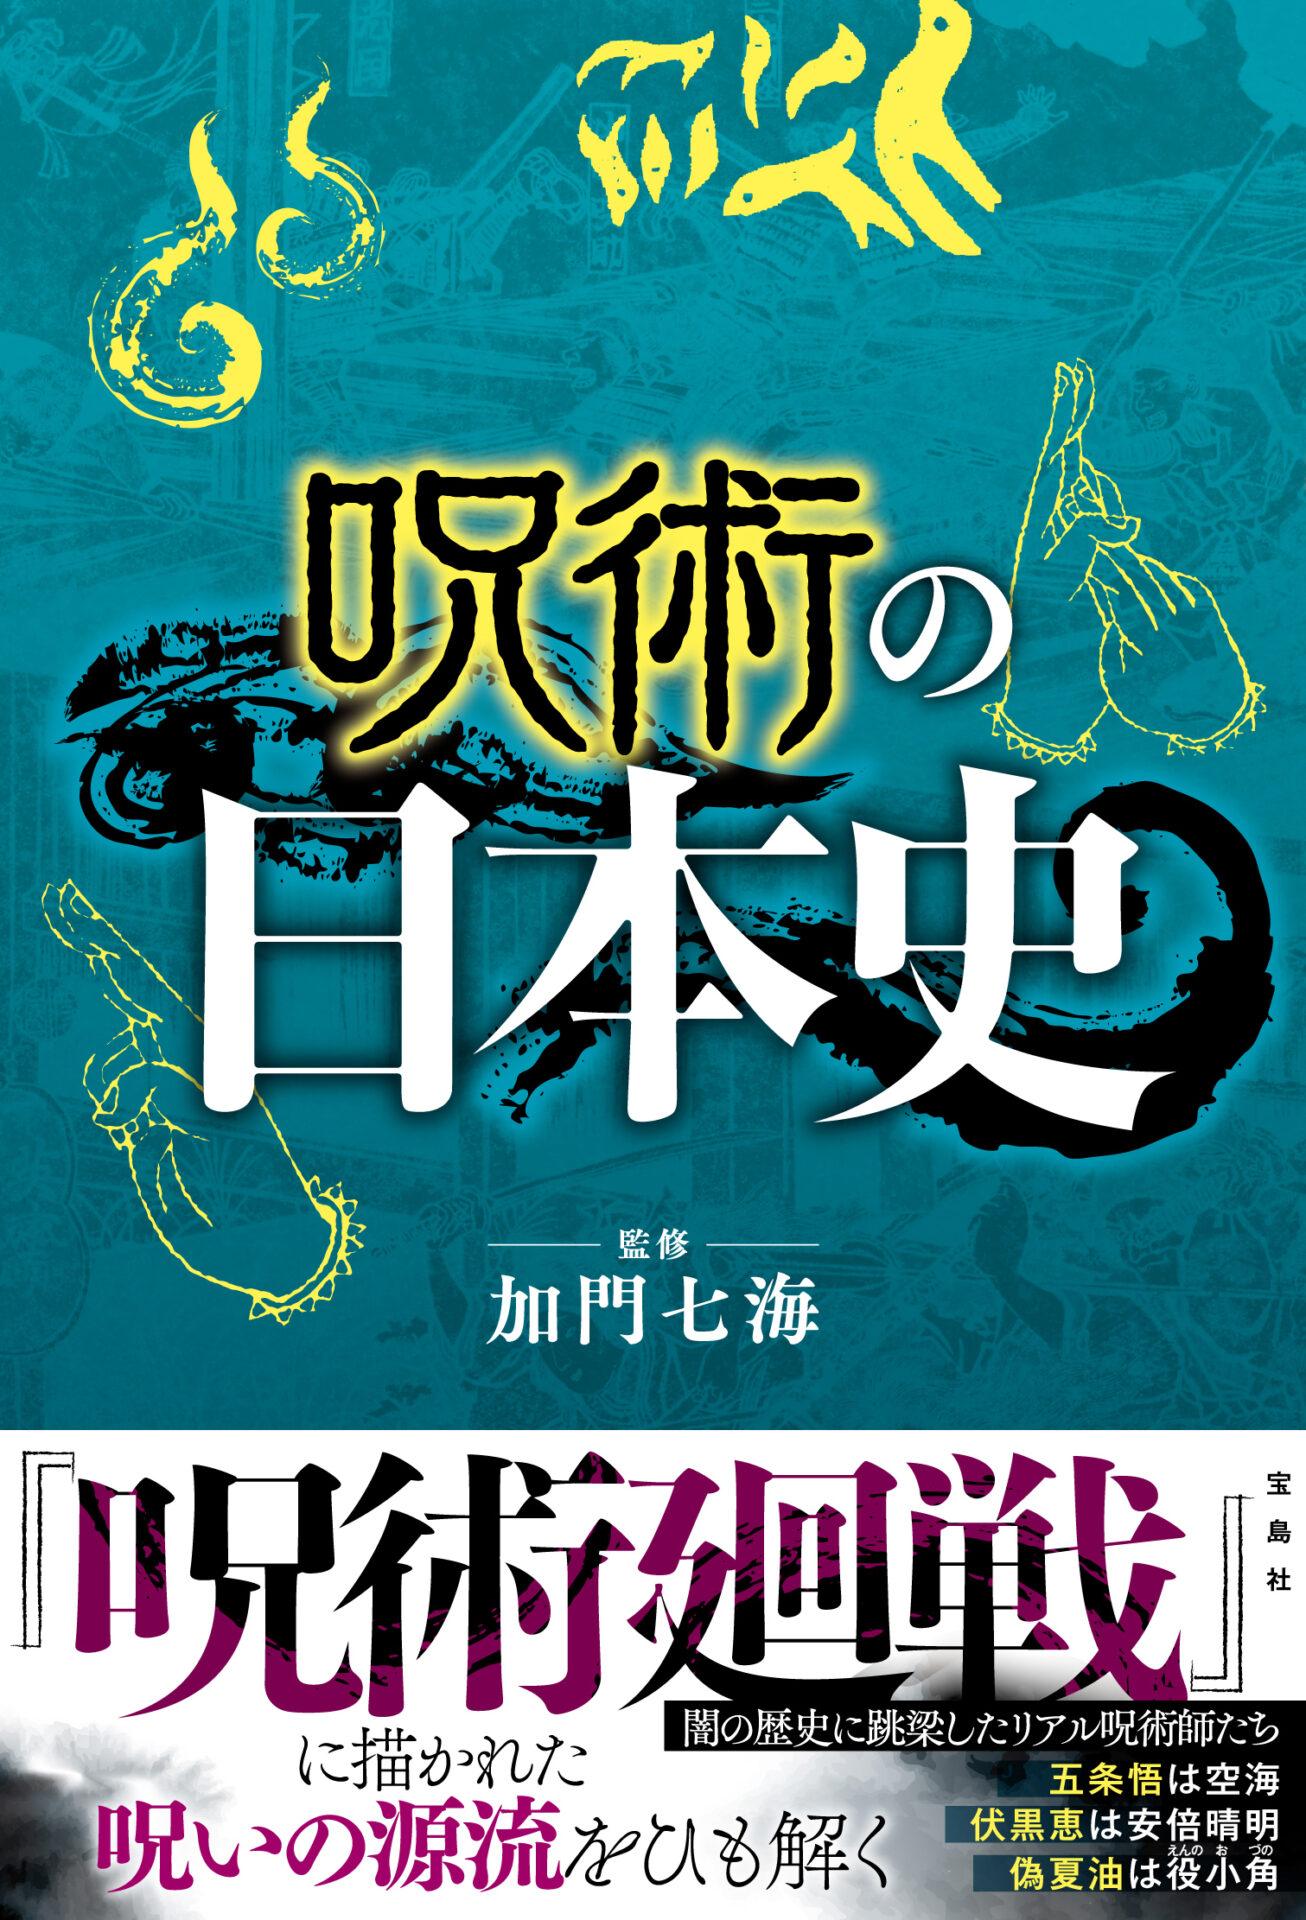 呪術廻戦を日本の歴史から考察、「呪術の日本史」発売中